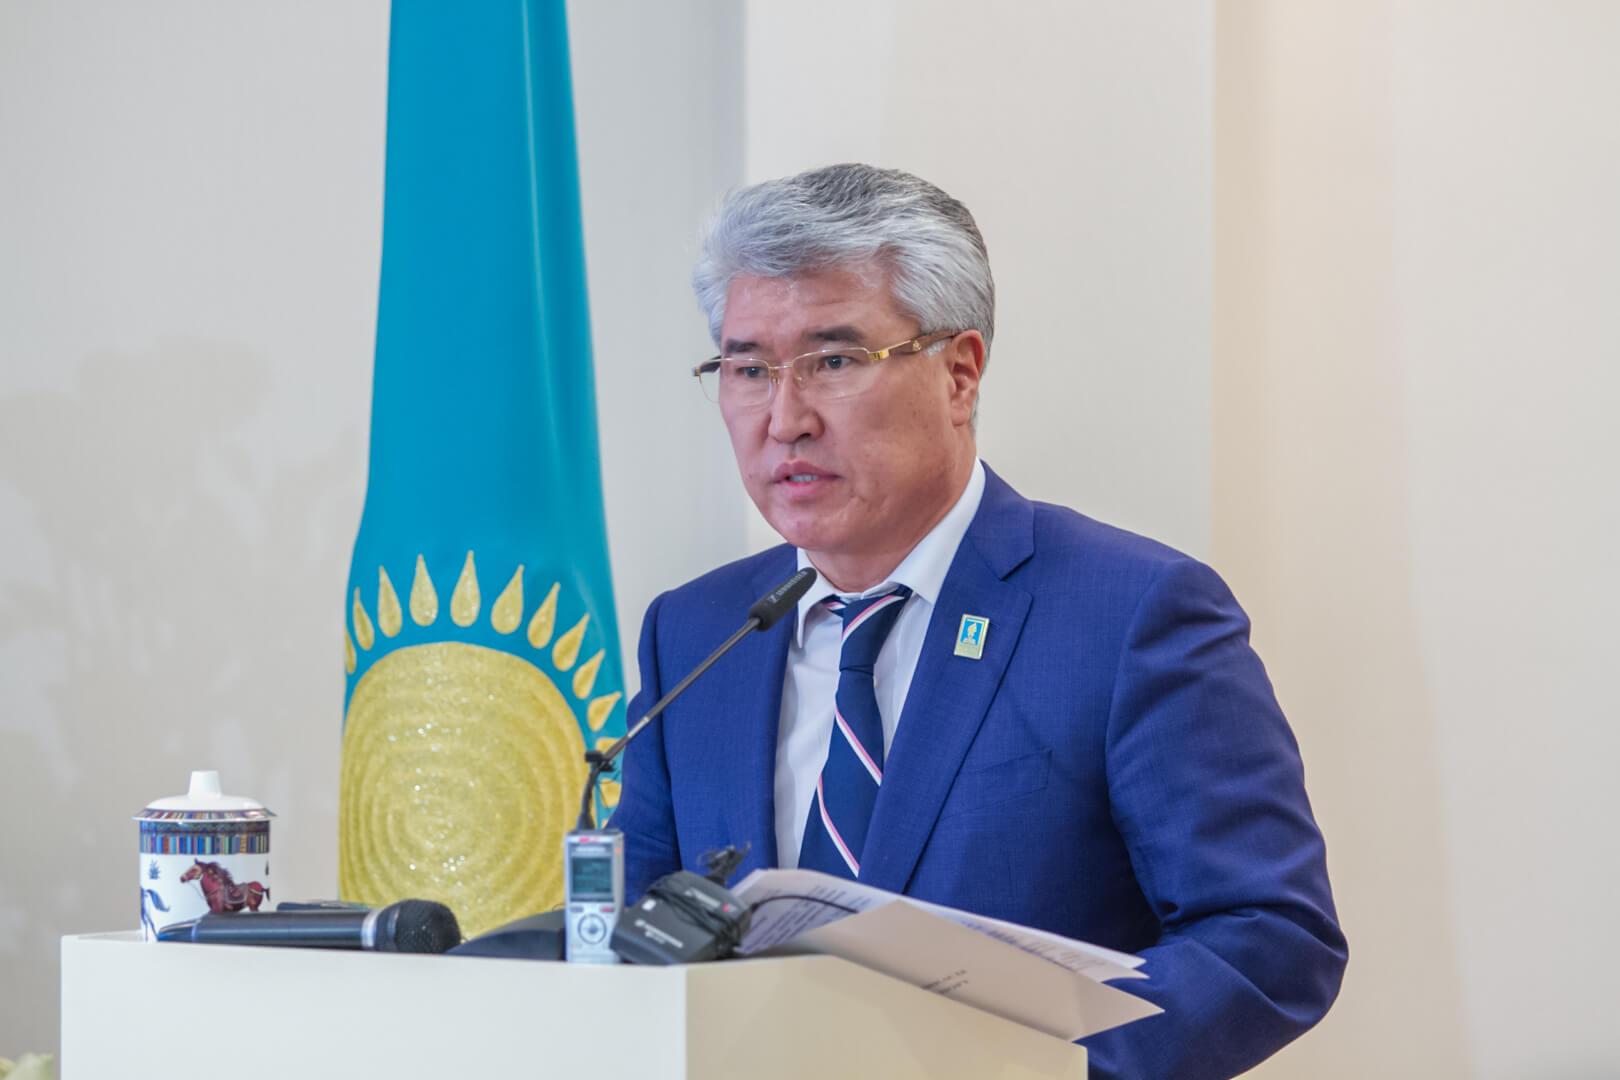 Профильный комитет мажилиса одобрил кандидатуру Мухамедиулы на пост министра культуры и спорта